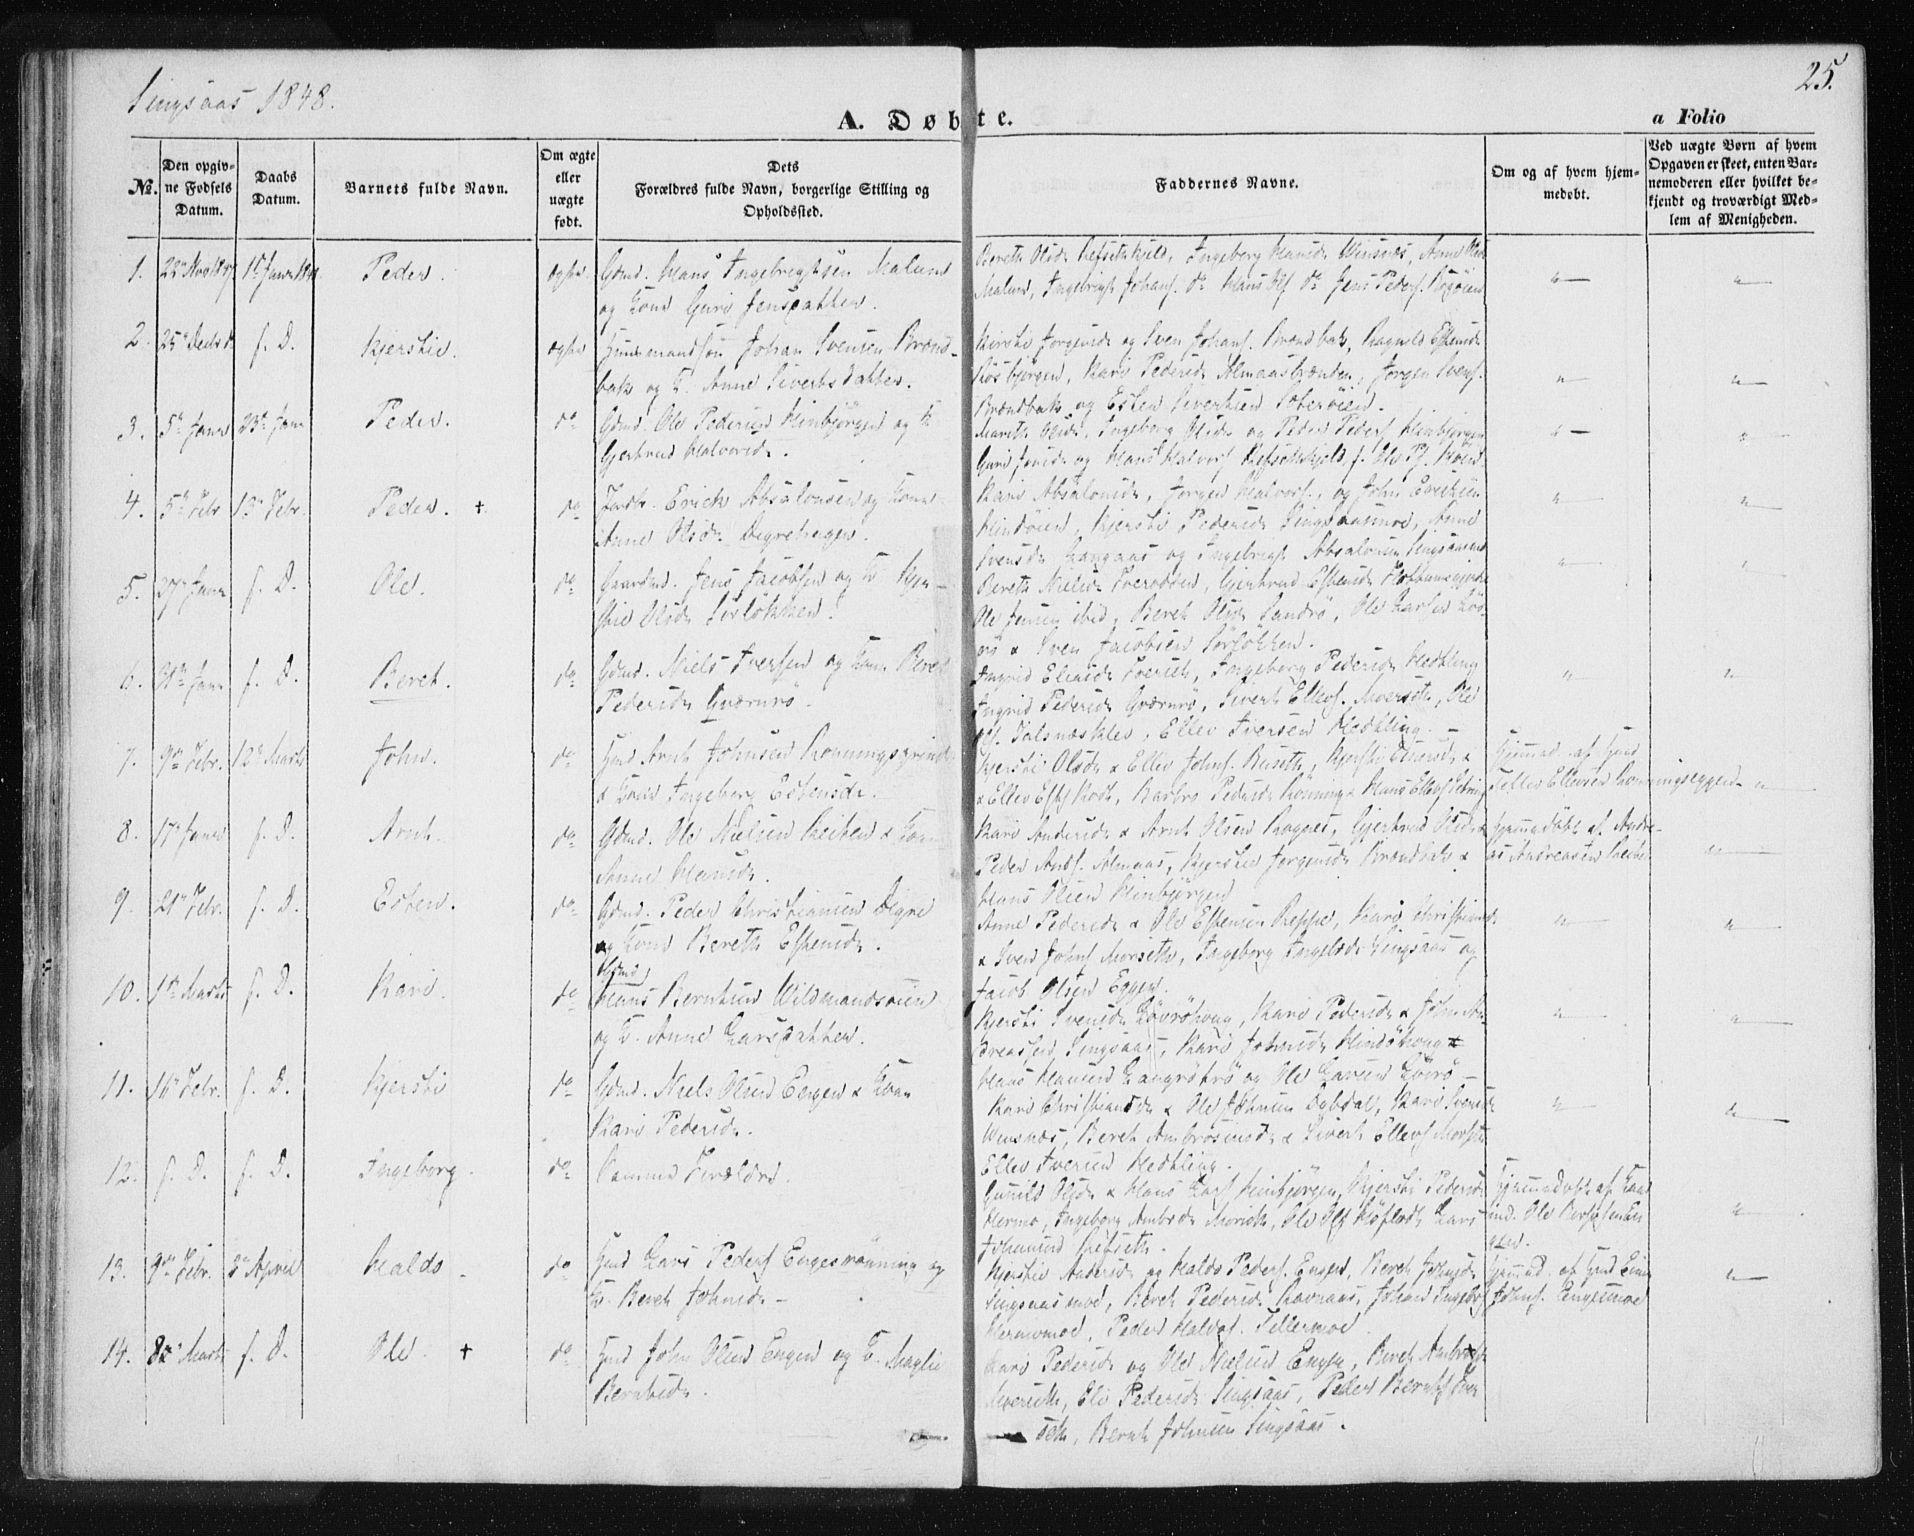 SAT, Ministerialprotokoller, klokkerbøker og fødselsregistre - Sør-Trøndelag, 685/L0964: Ministerialbok nr. 685A06 /2, 1846-1859, s. 25